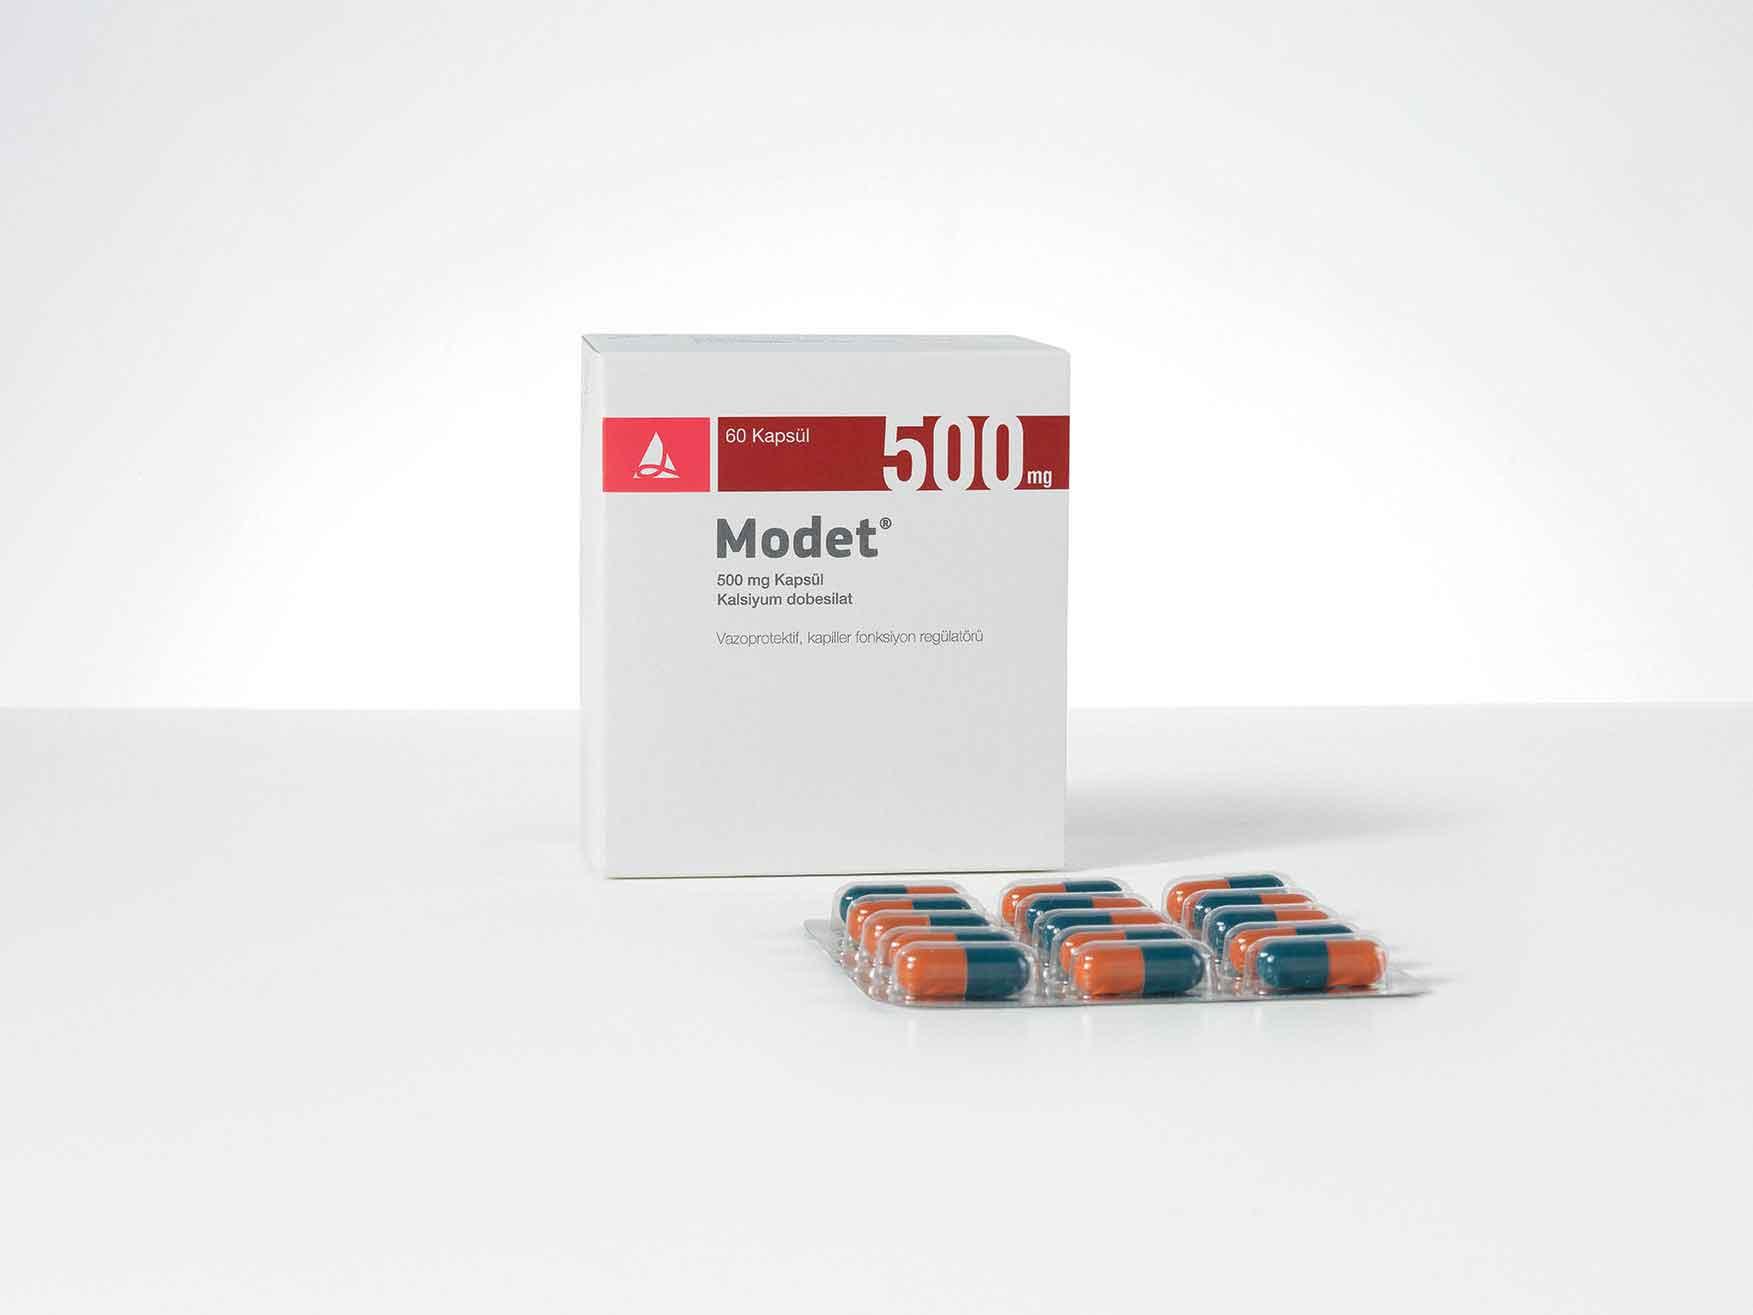 MODET 500 mg Kapsül 1